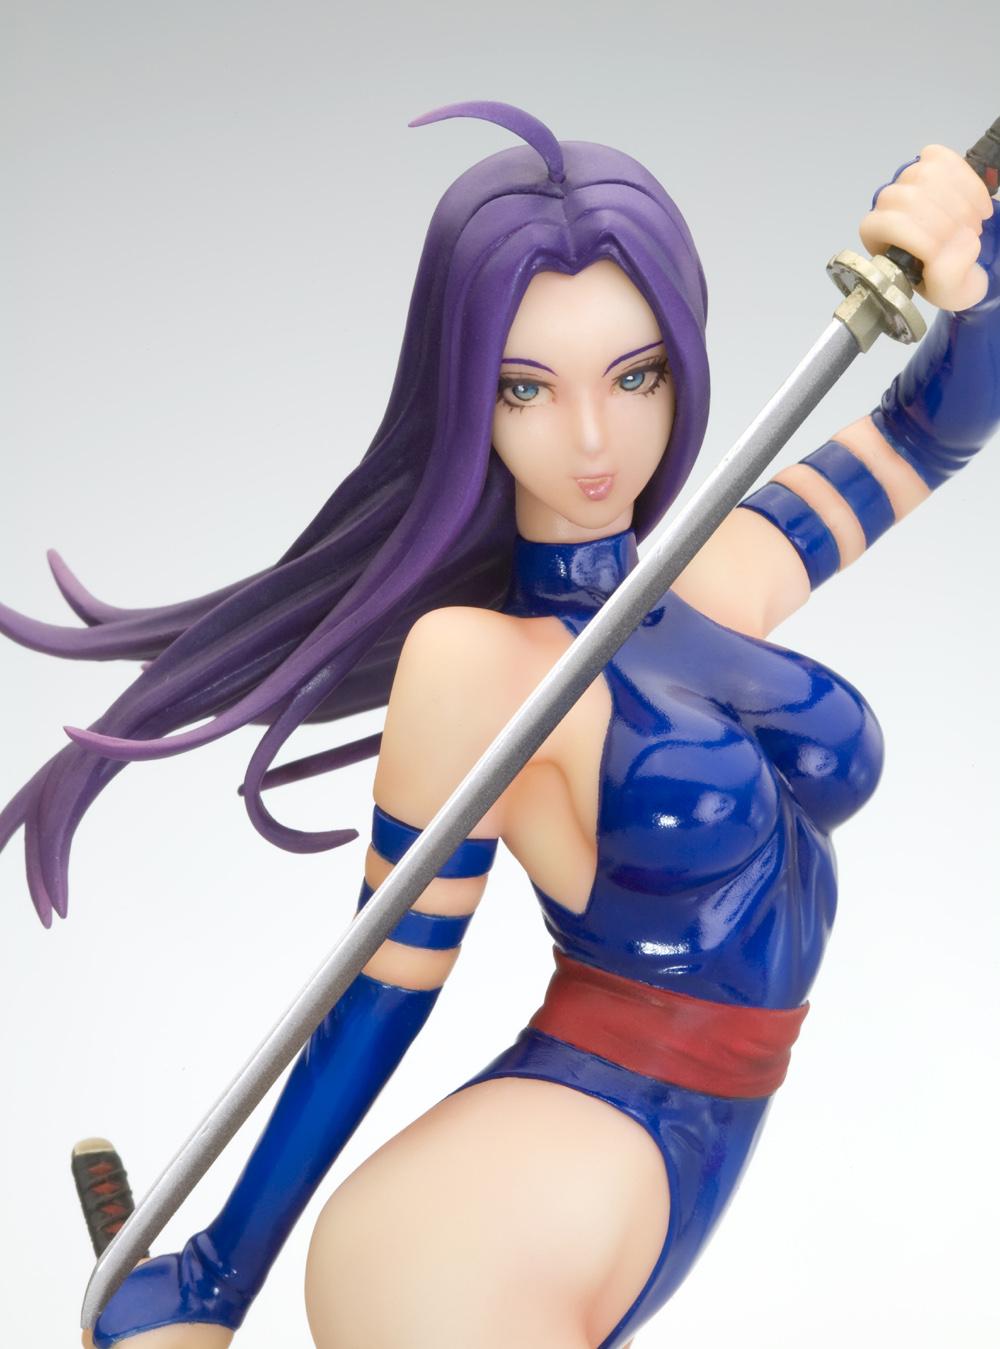 Hentai cosplay sex machine 2of2